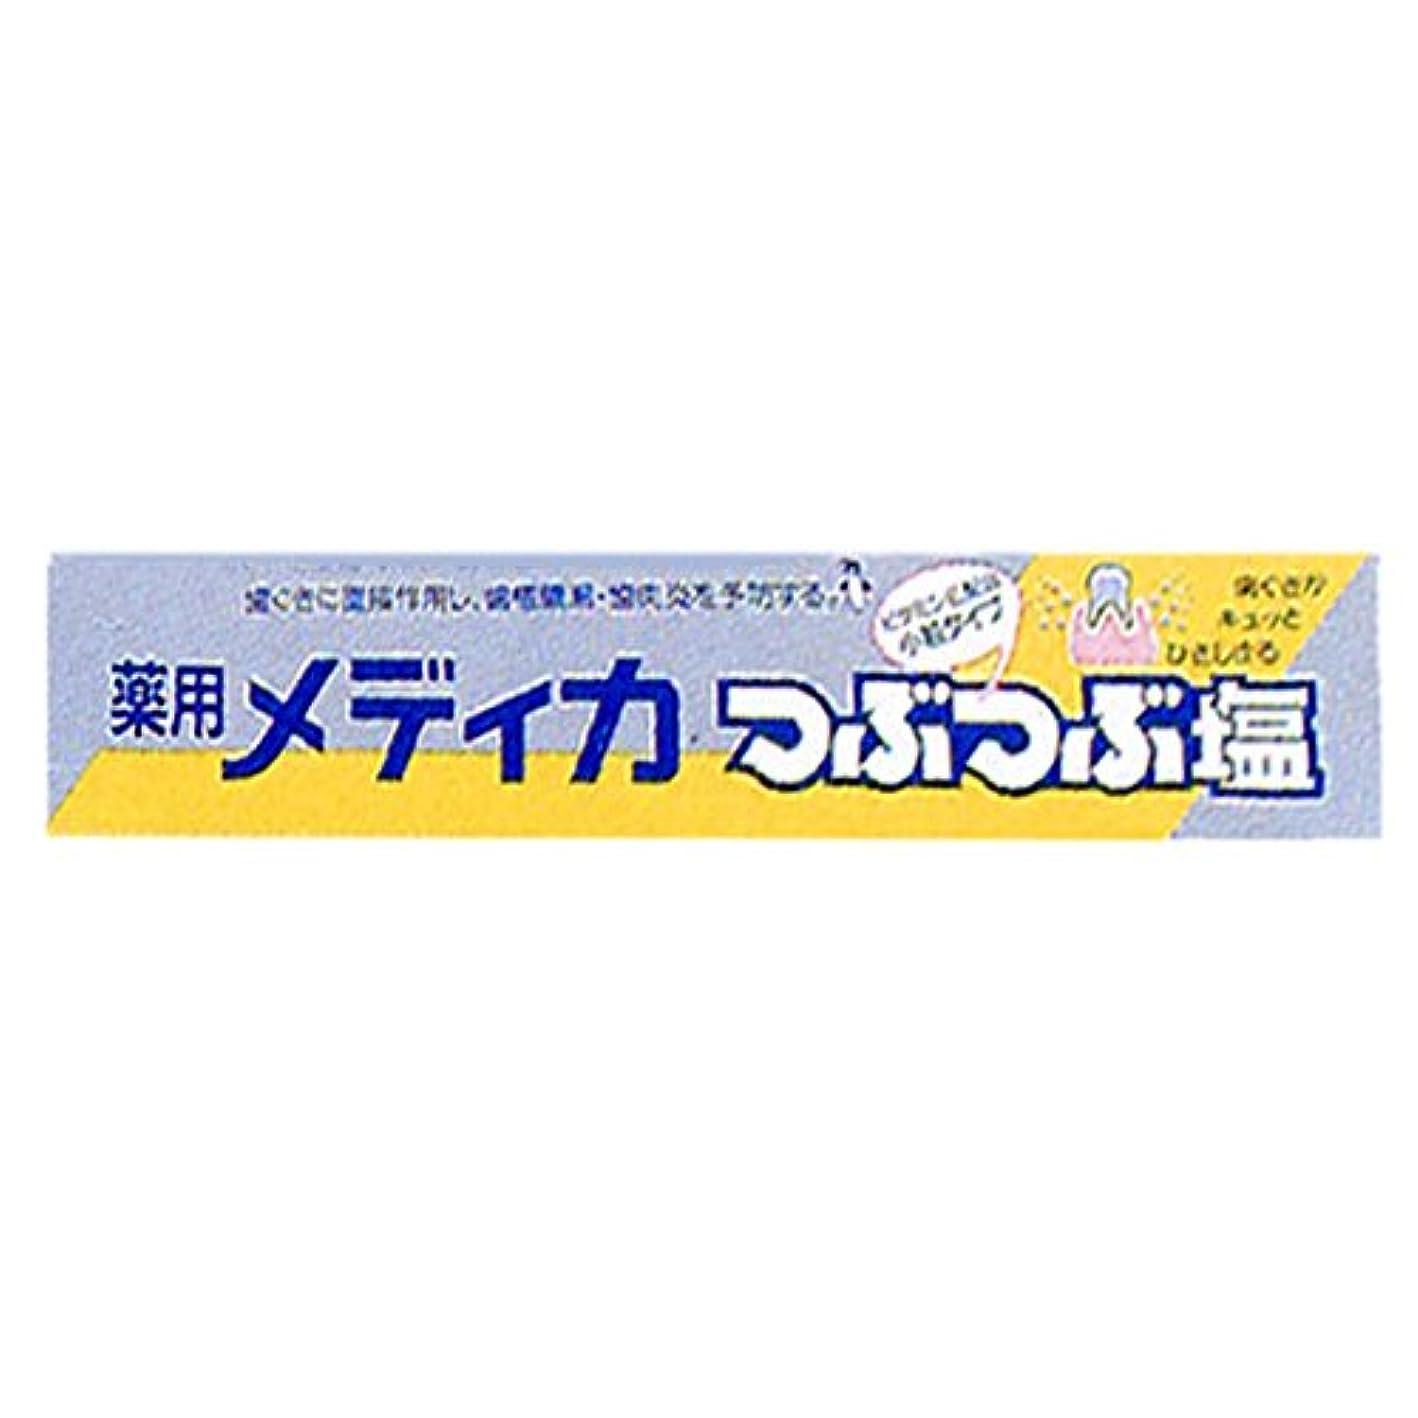 期待して四分円直面する薬用メディカつぶつぶ塩 170g